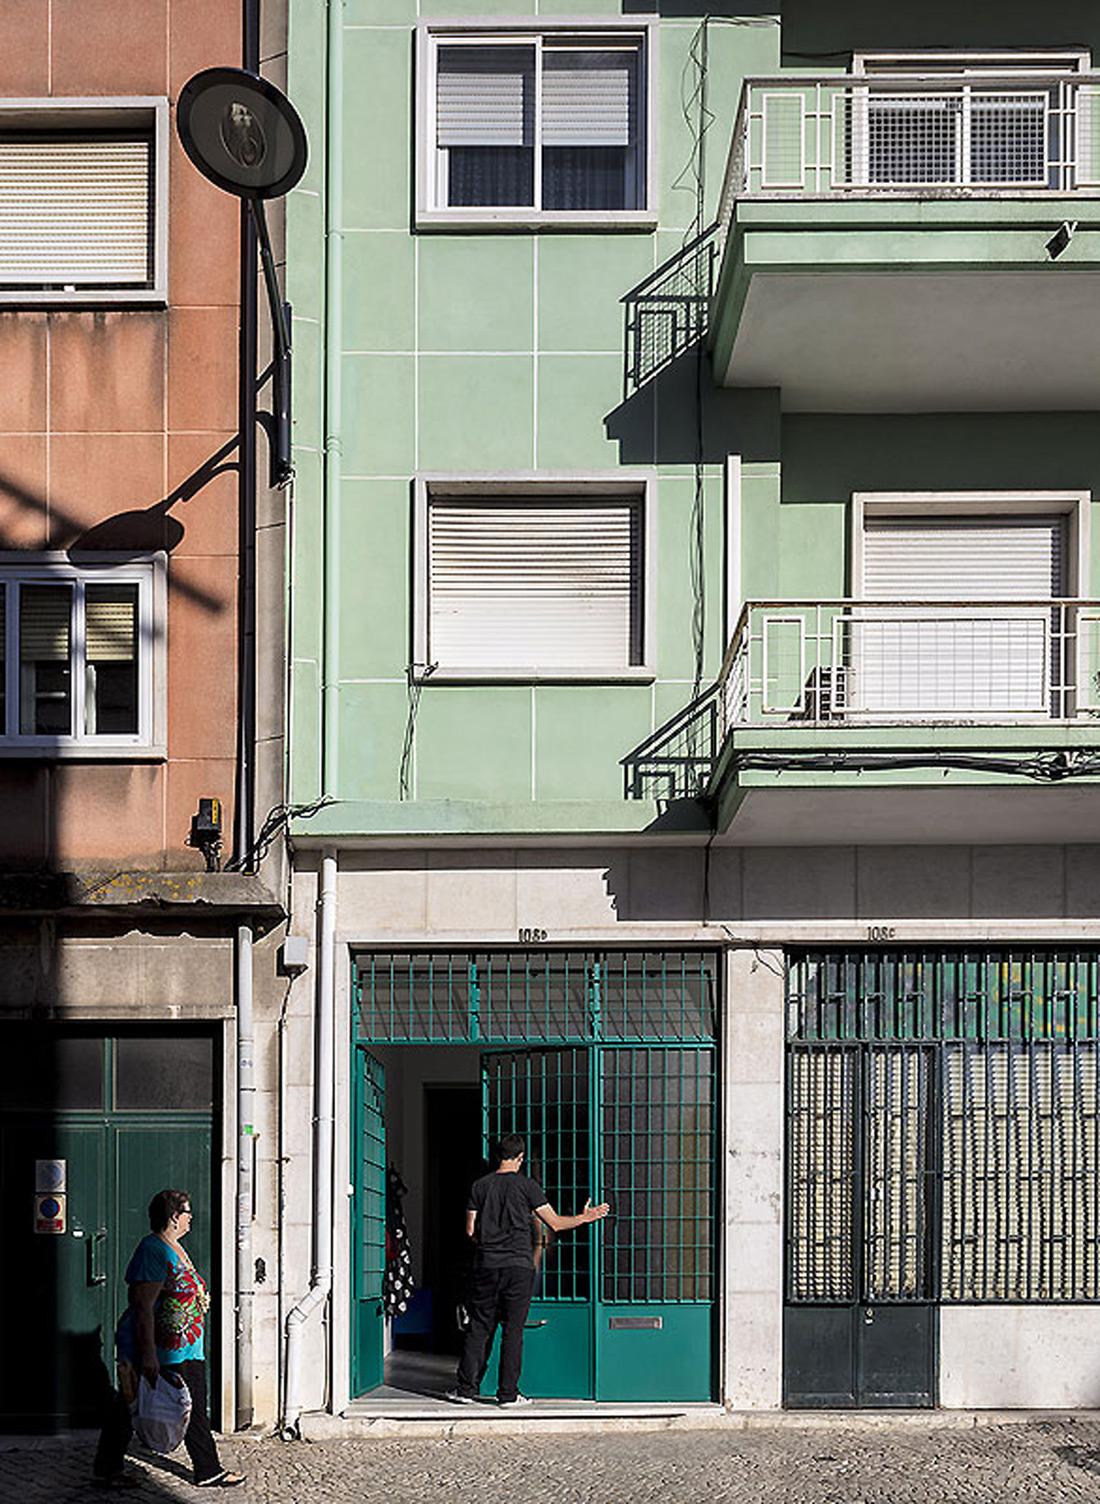 Mit Subtilen Eingriffen Entstand Aus Einer Groen Garage In Lissabon Ein  Wohnraum Fr Ein Junges Paar Die Wnde Sind In Wei Gehalten.